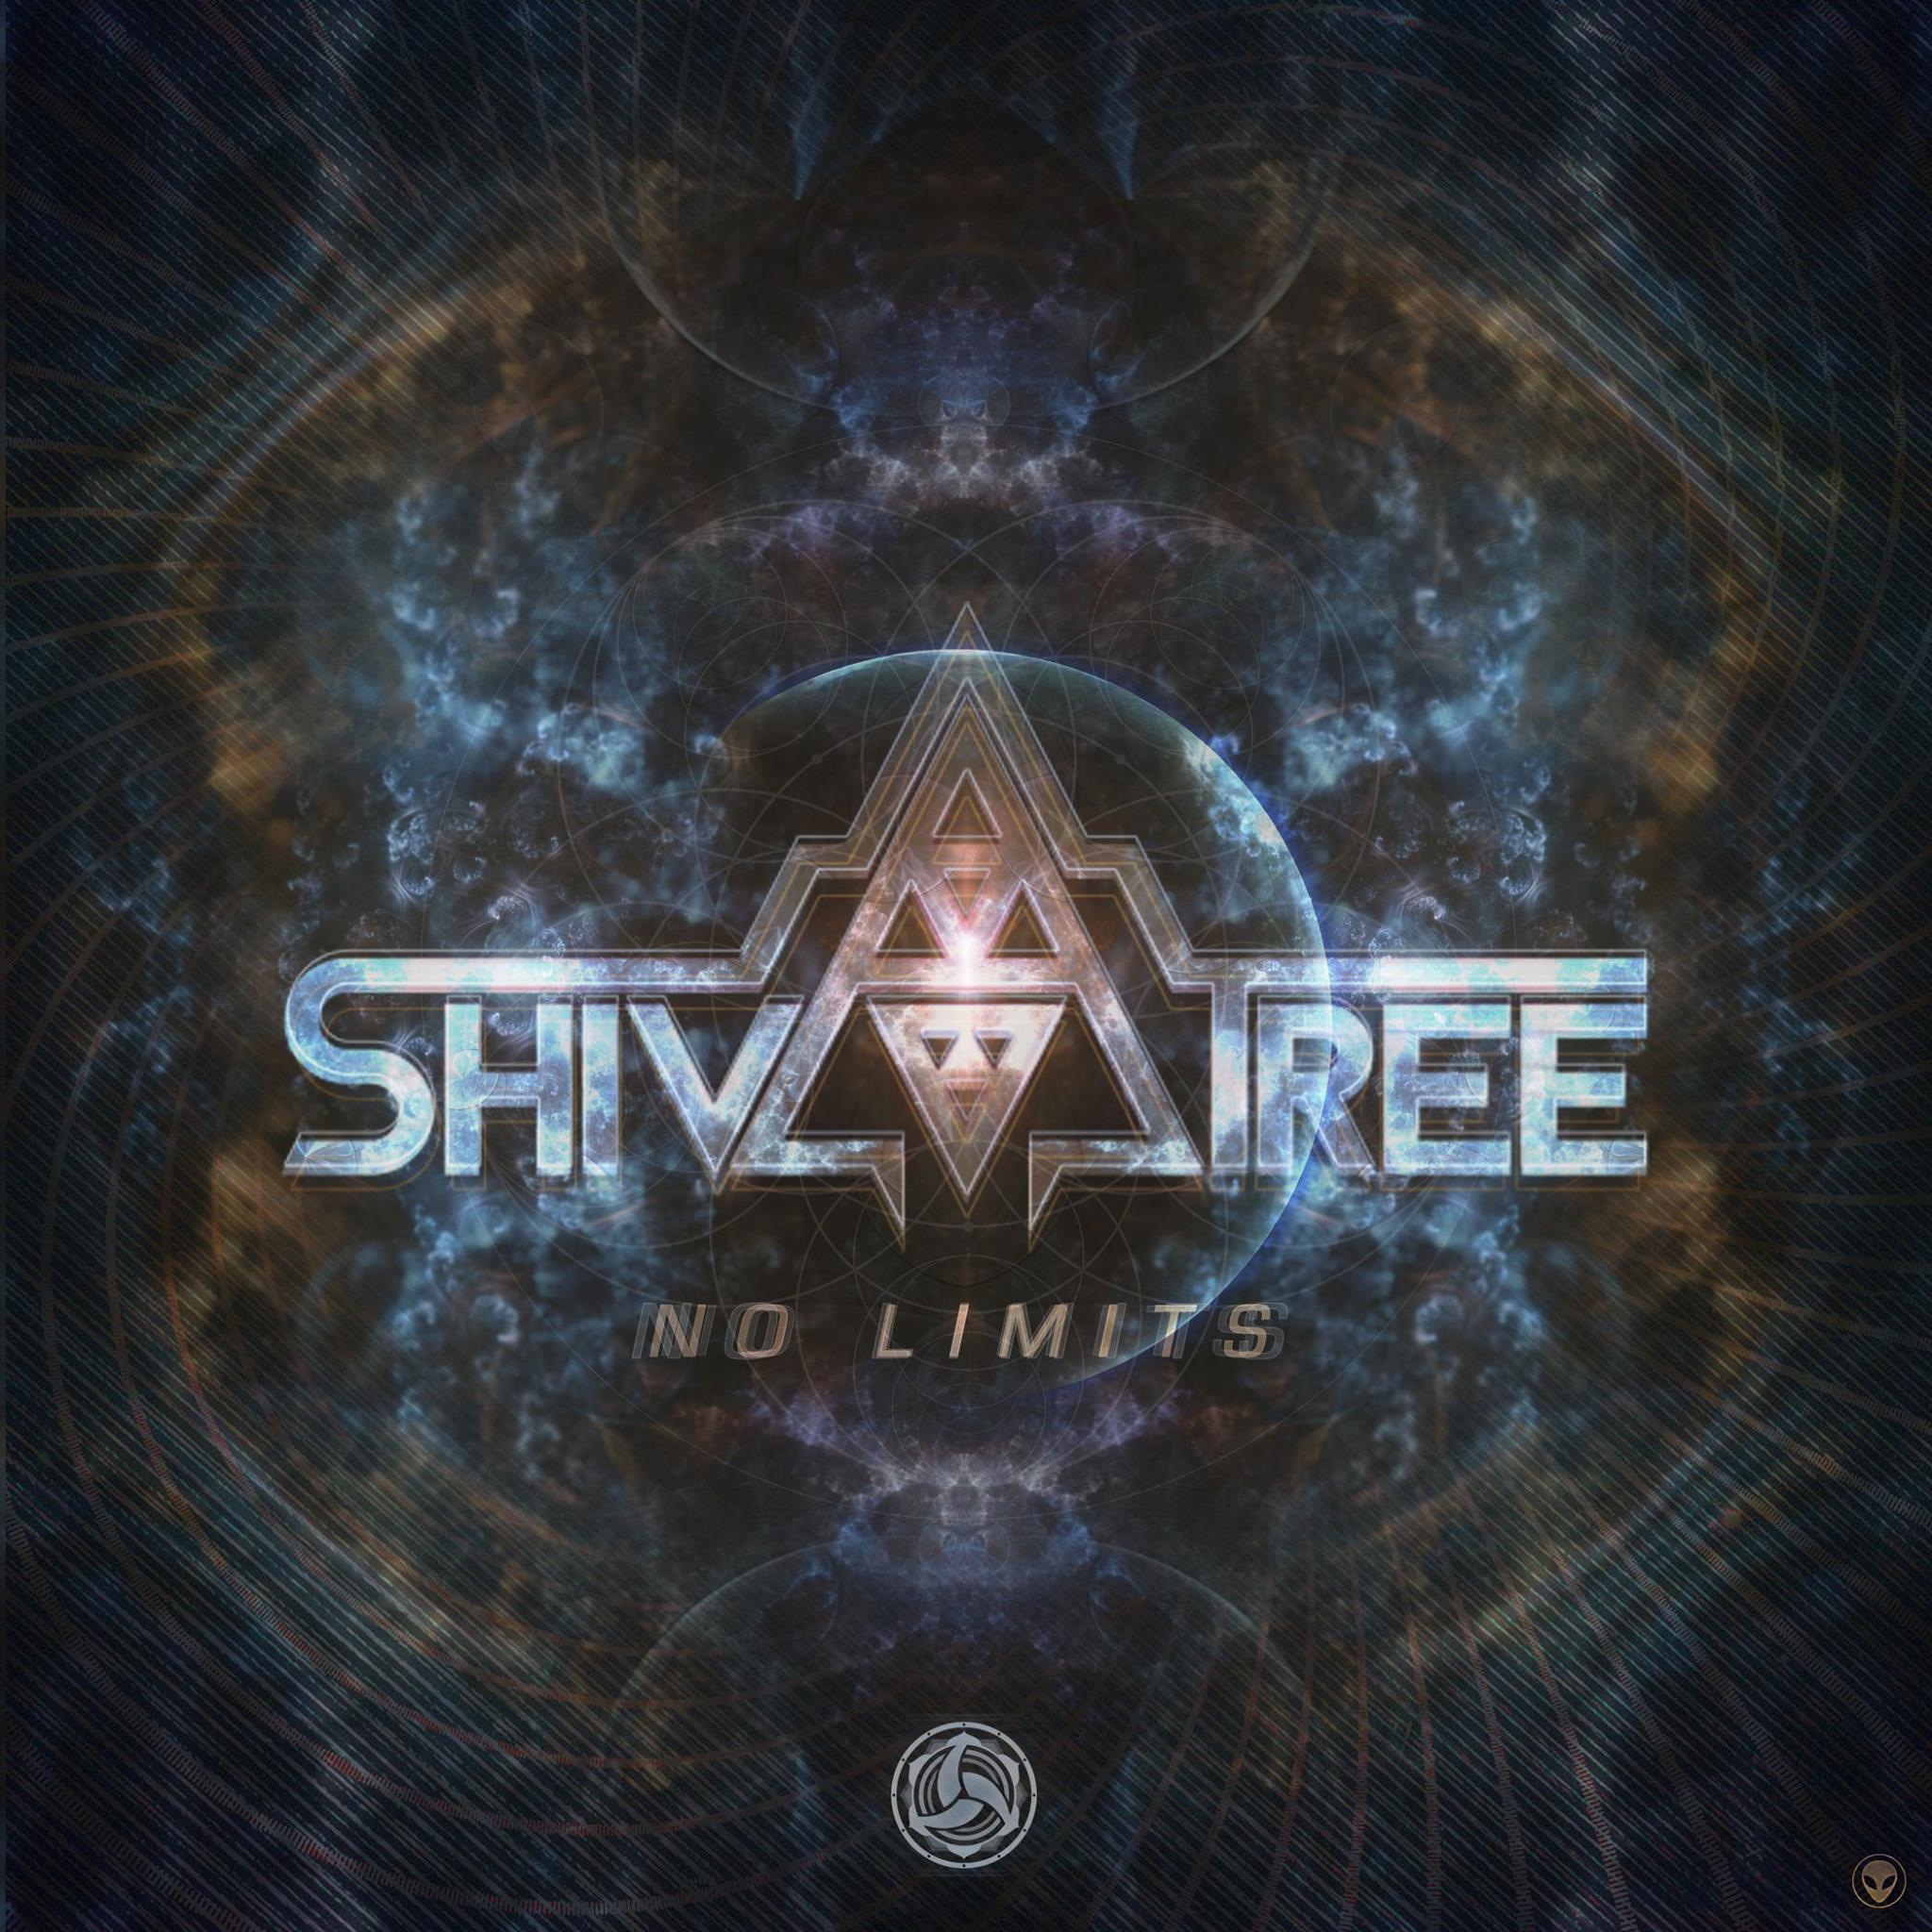 Shivatree - No Limits